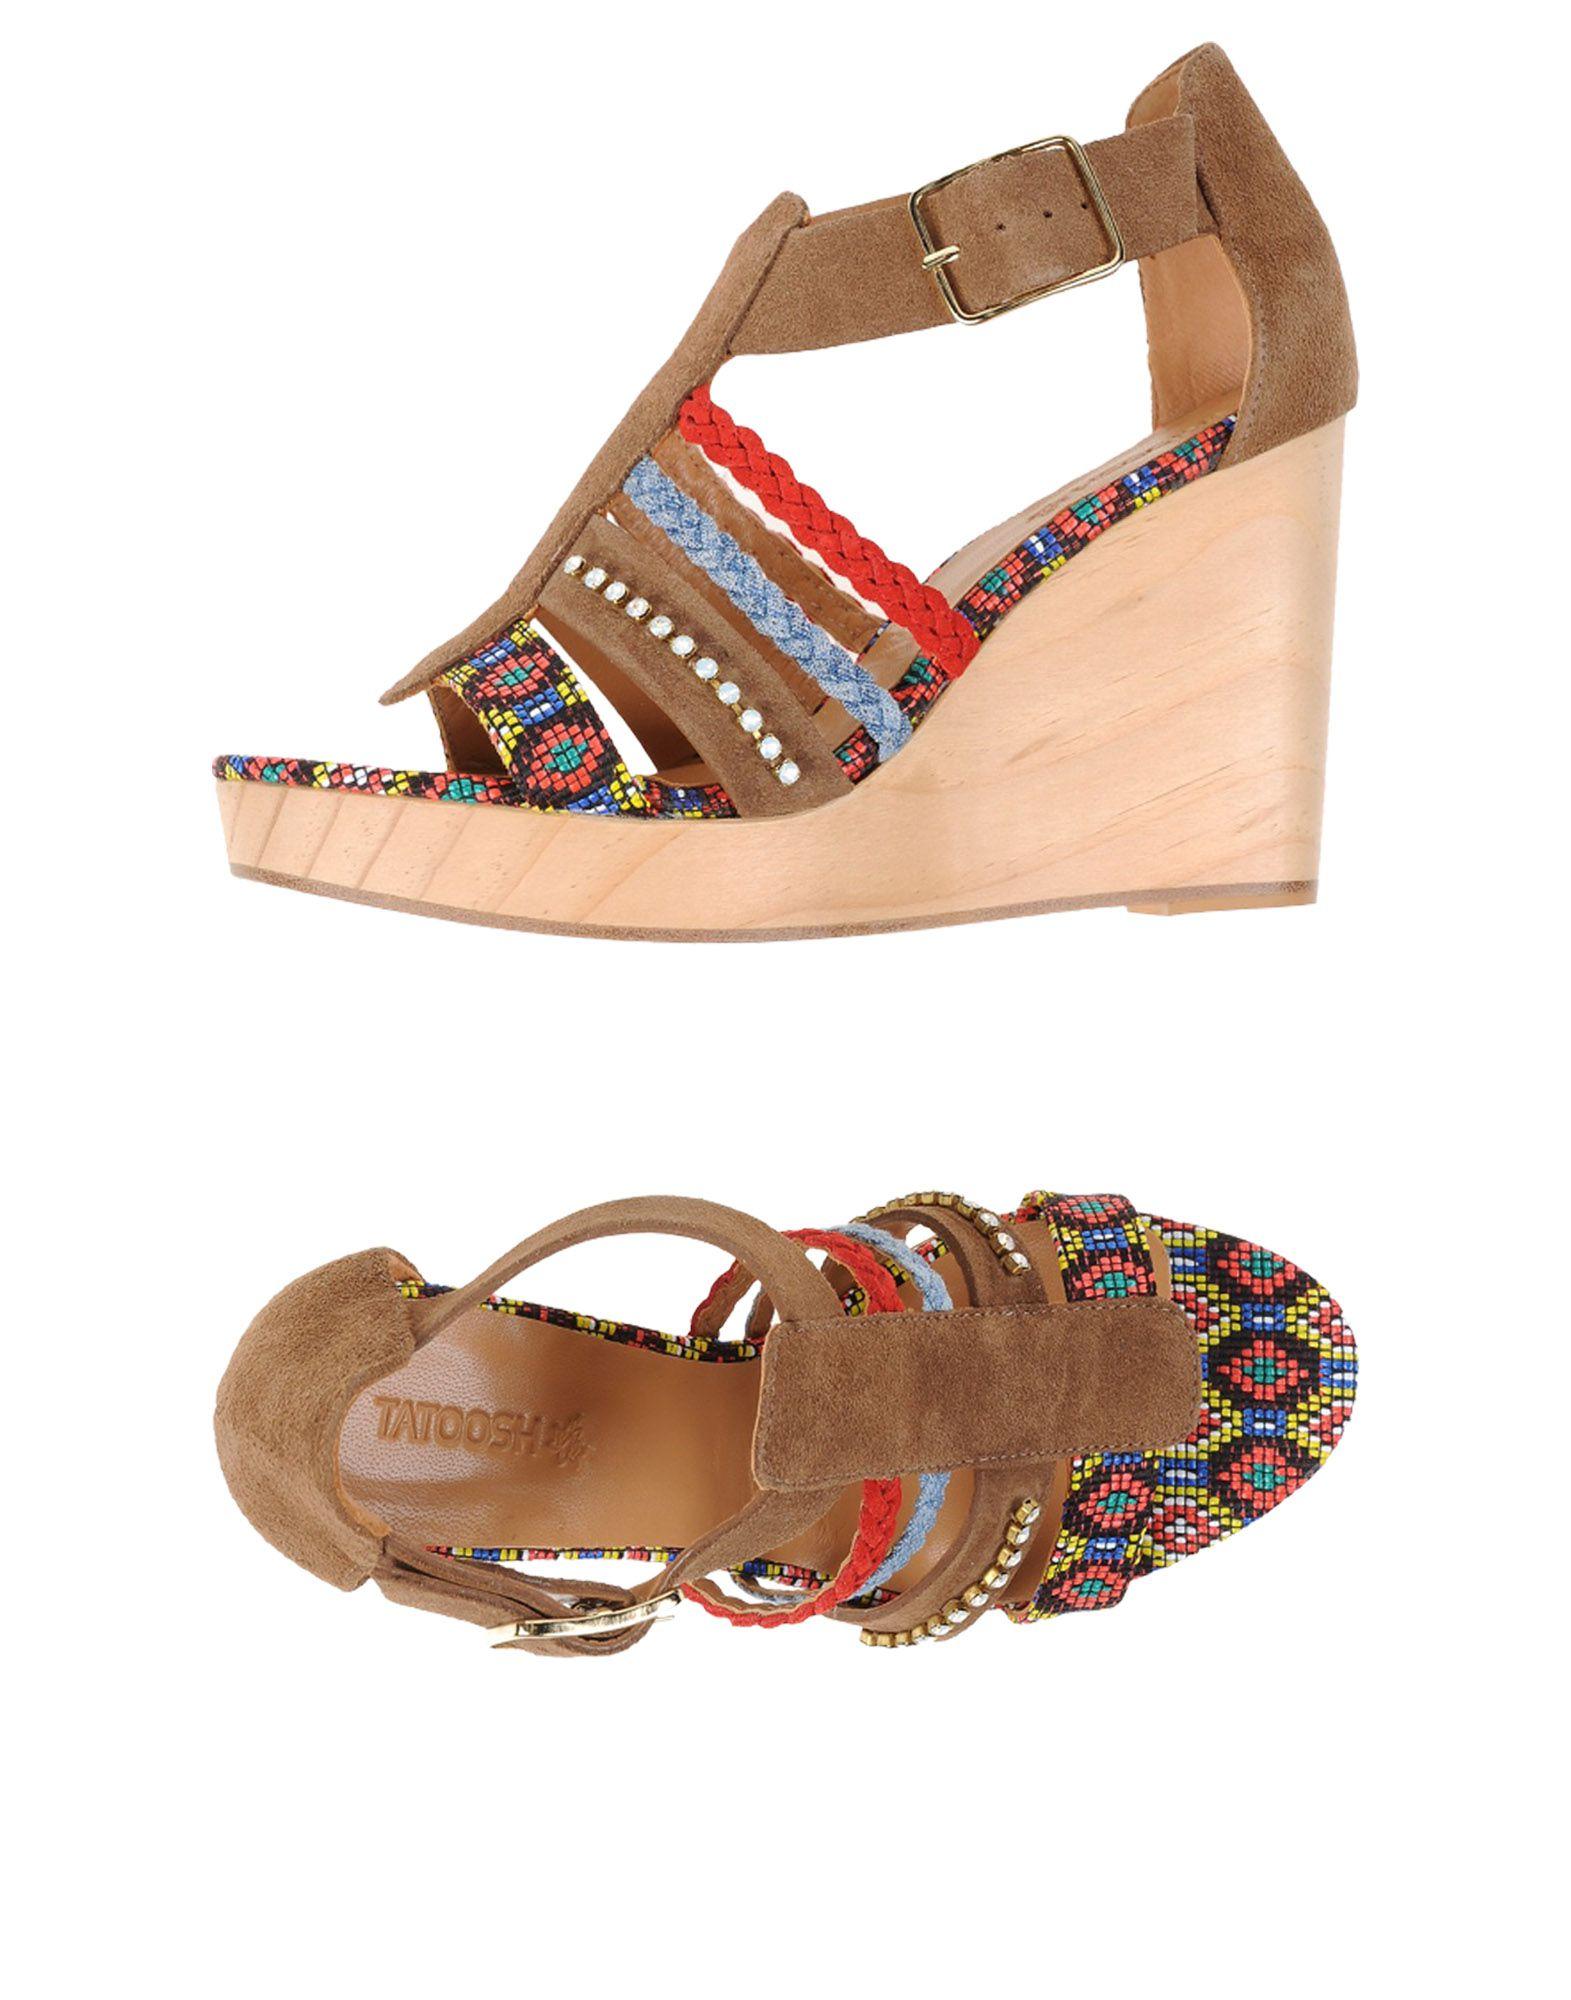 TATOOSH Sandals in Khaki